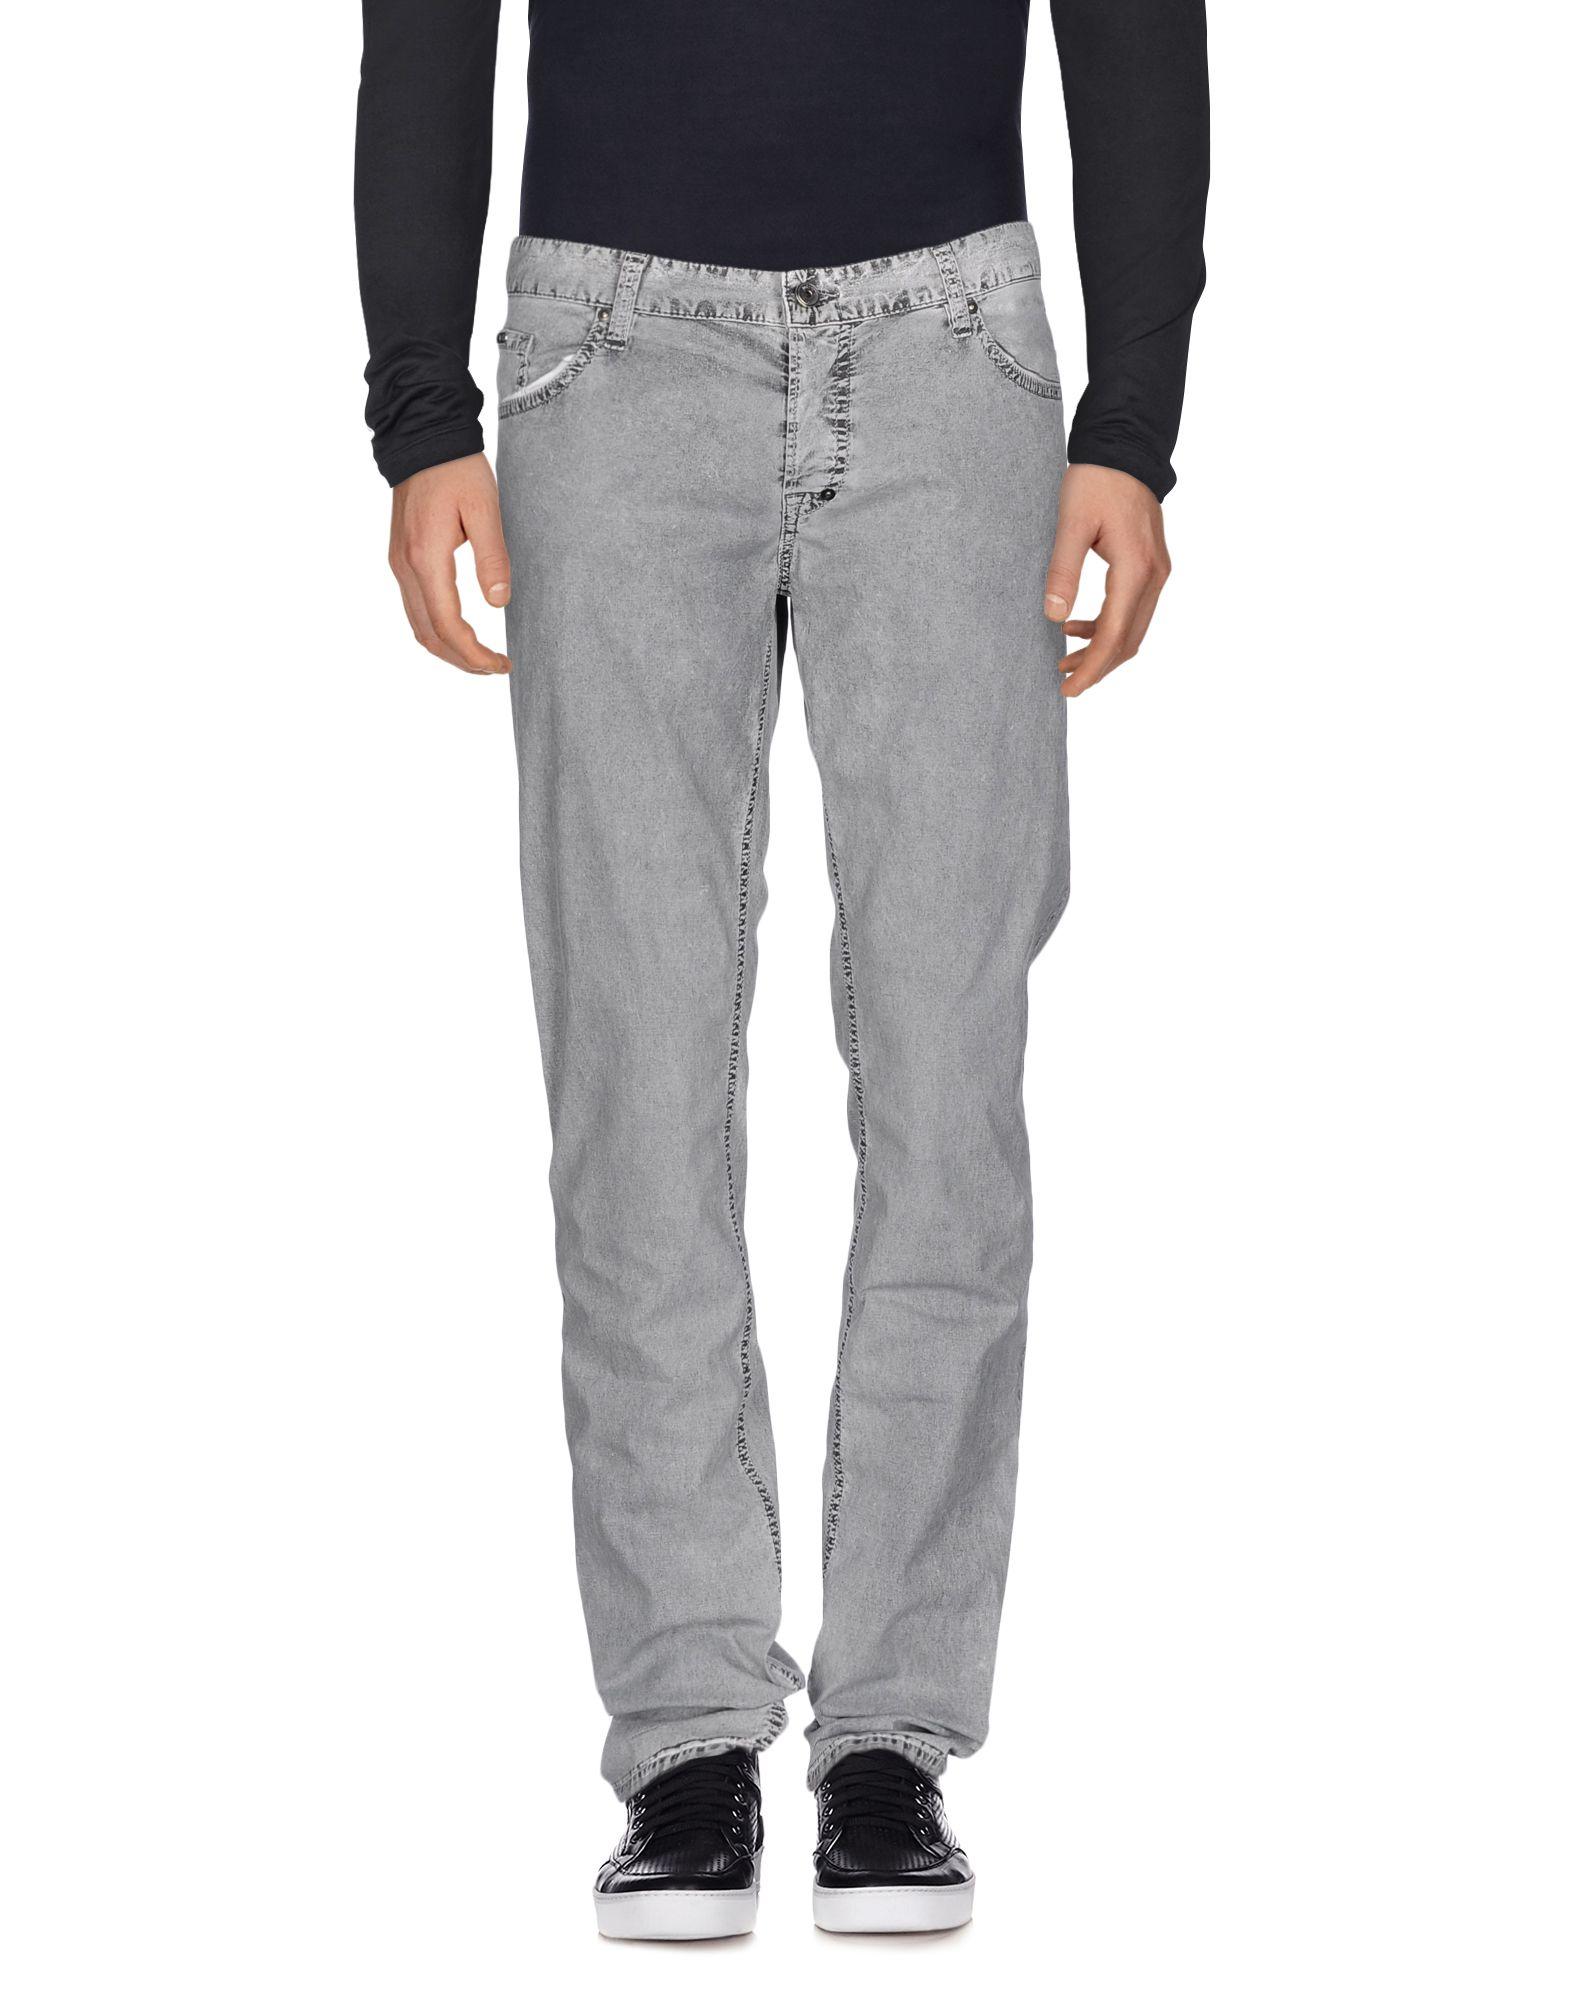 Pantaloni - Jeans Just Cavalli Uomo - Pantaloni 42541728DR 19edf4